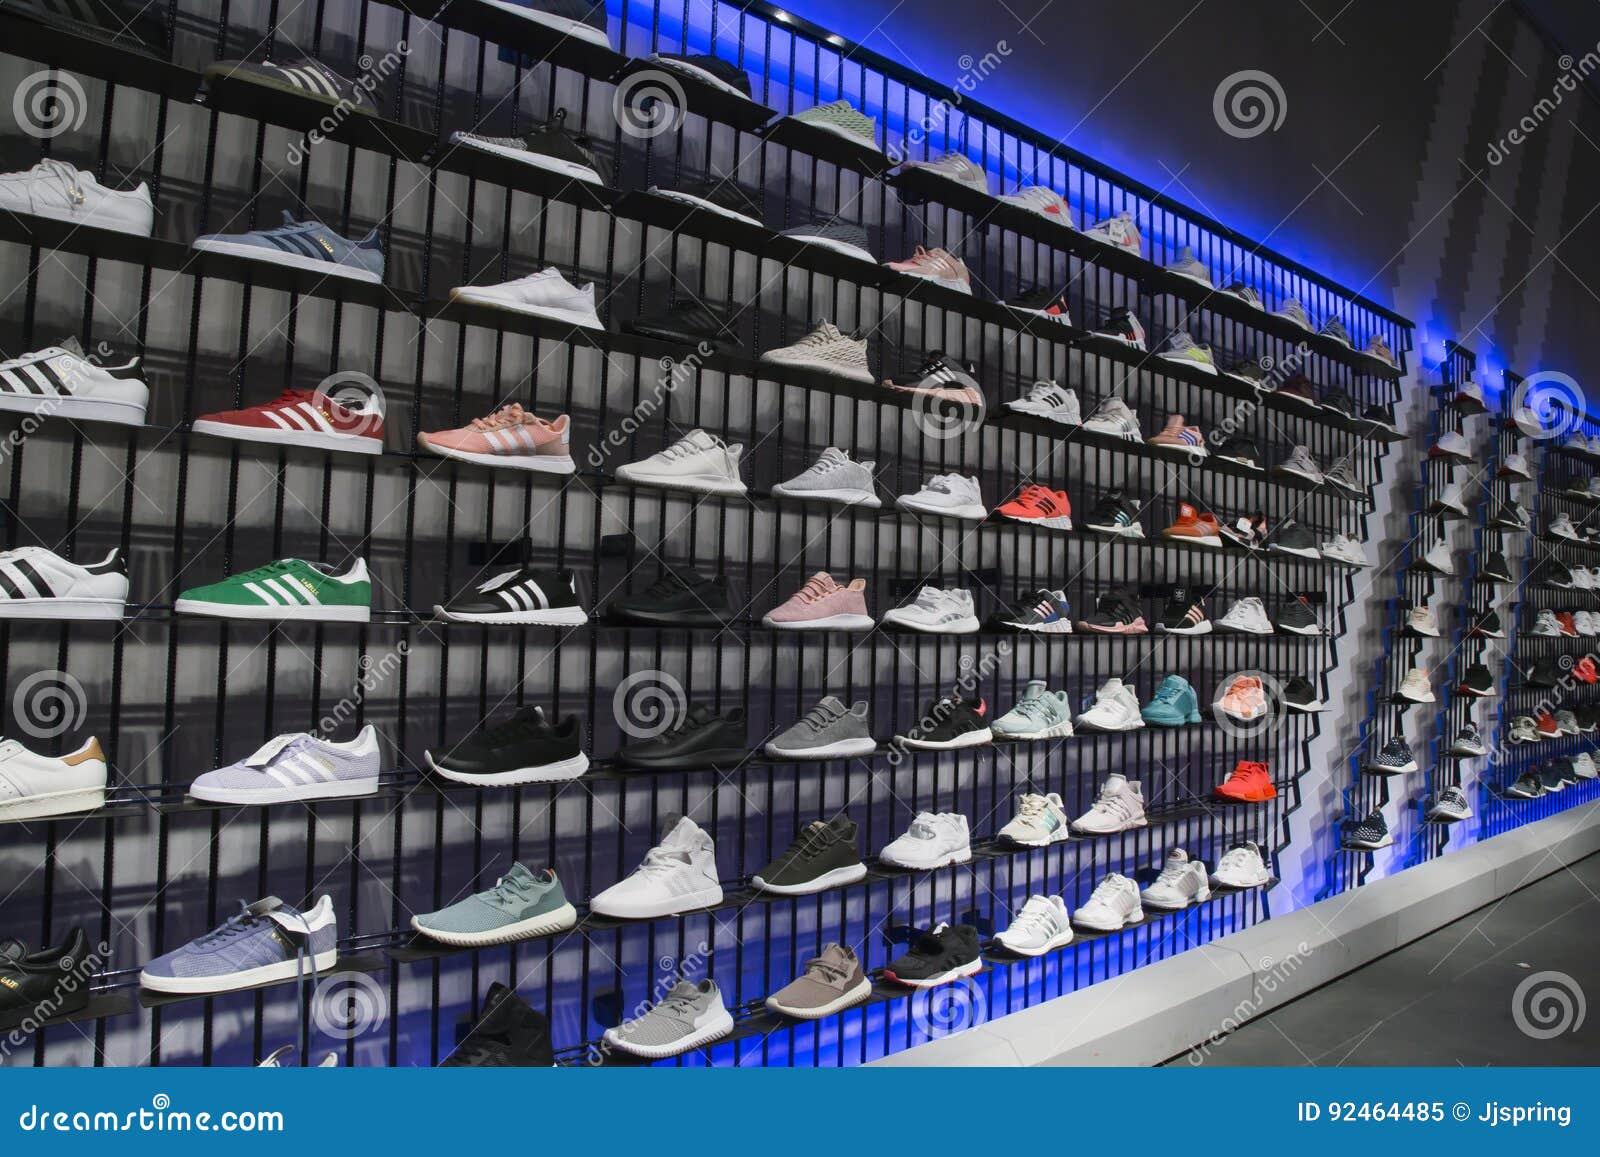 d423253cc56 Αθλητικά παπούτσια στα ράφια στο αθλητικό κατάστημα της Adidas ...